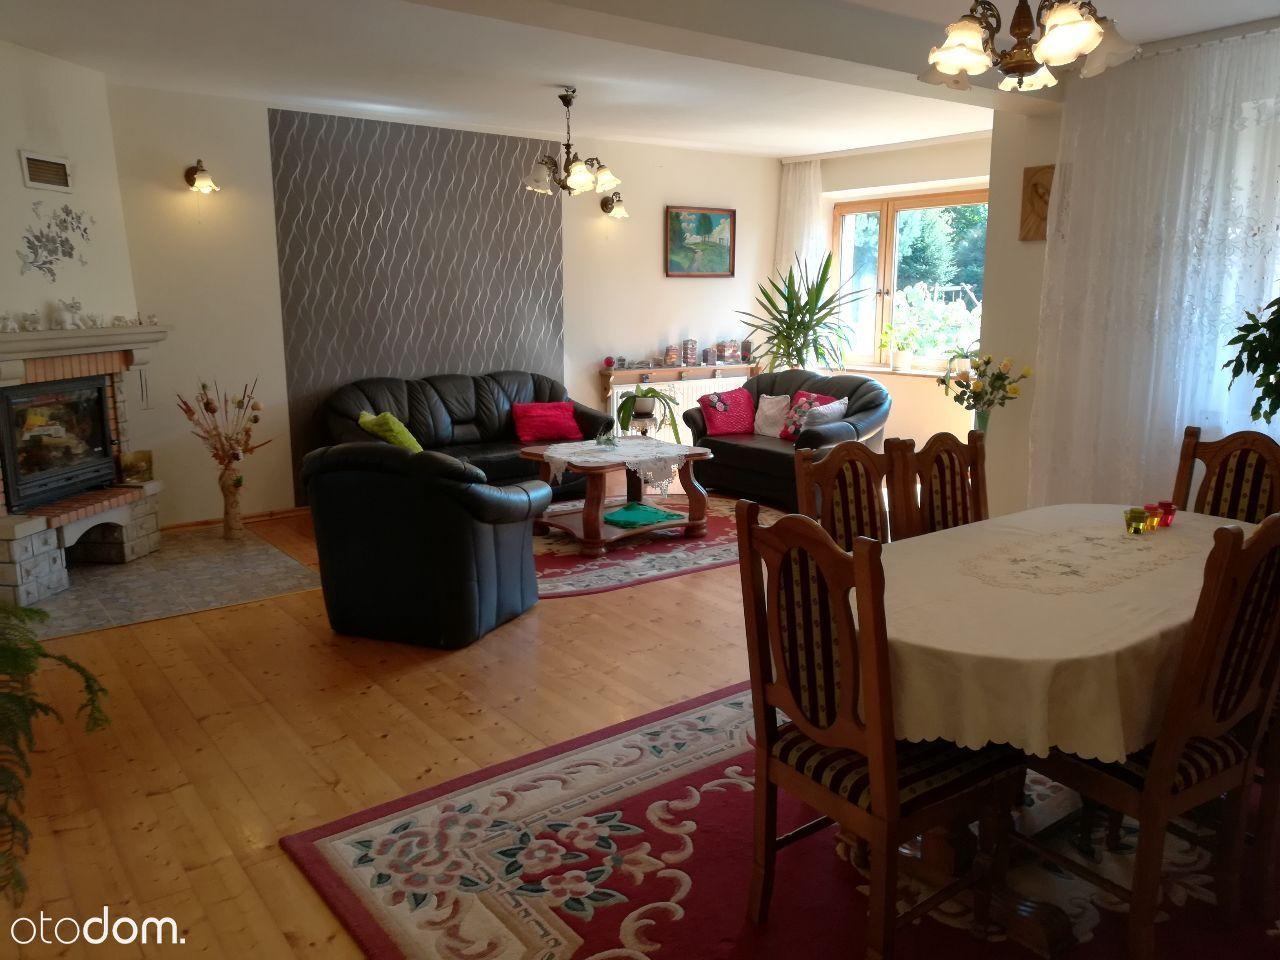 Dom na sprzedaż, Kłodzko, kłodzki, dolnośląskie - Foto 1